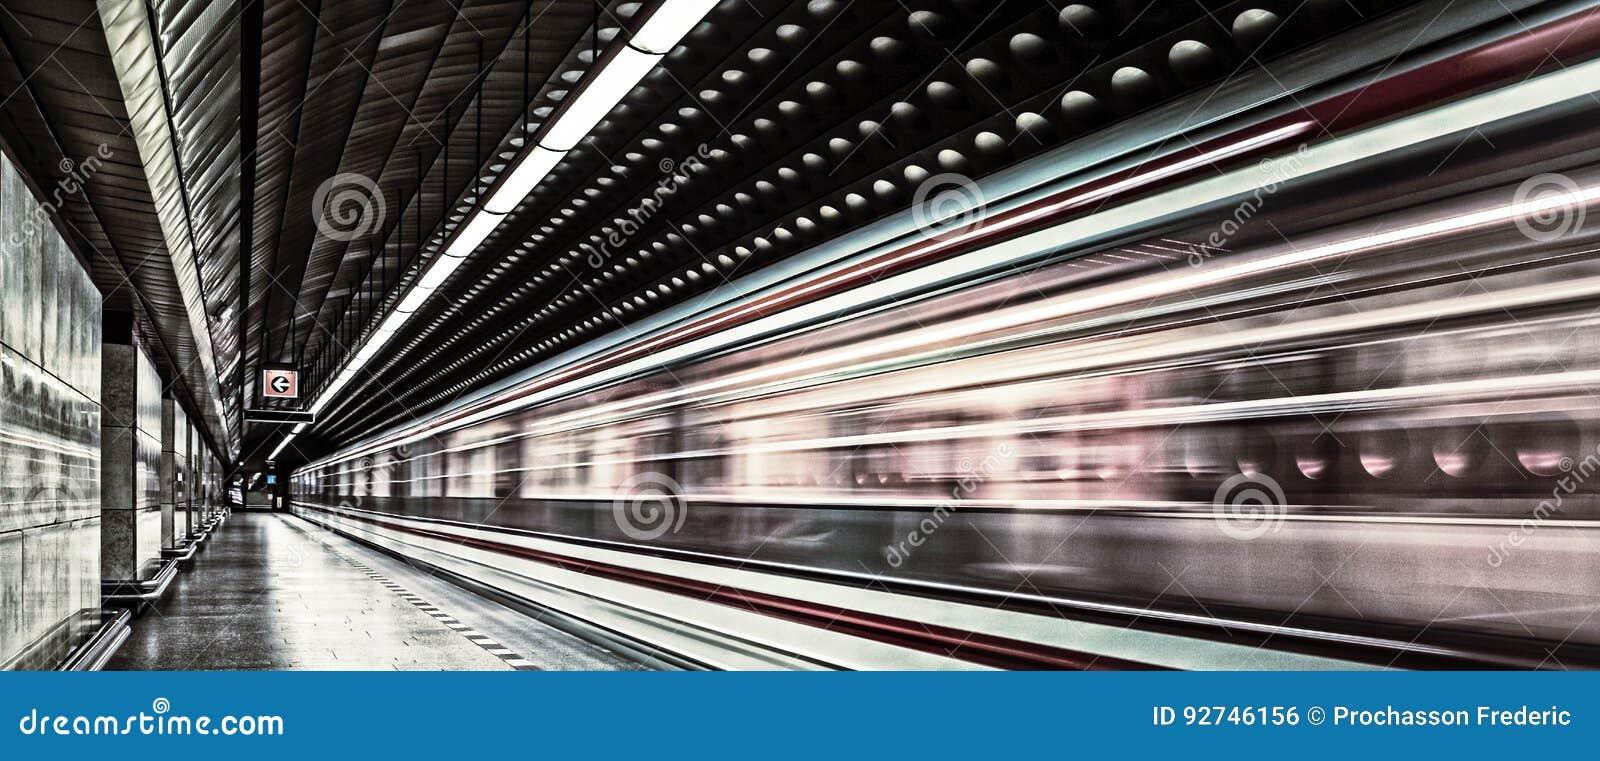 Veículo europeu do trânsito do metro no movimento